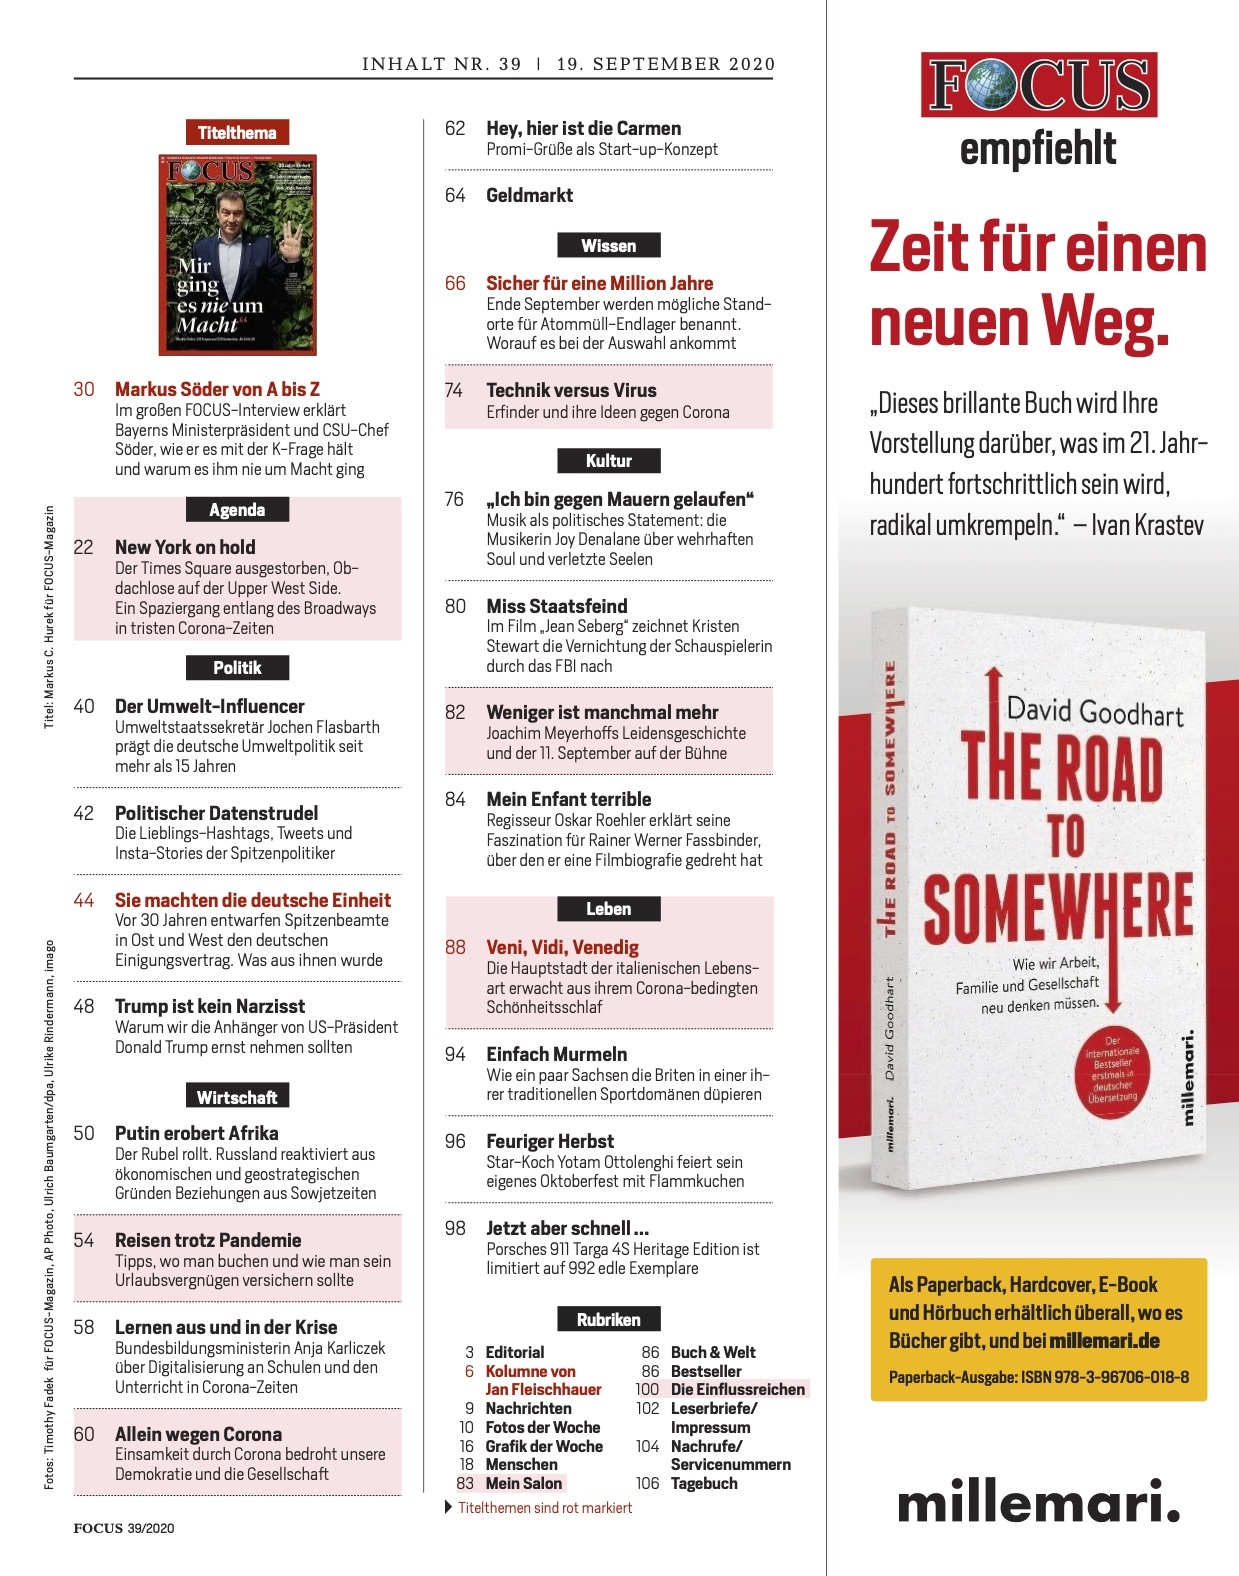 FOCUS Magazin FOCUS Magazin - Mir ging es nie um Macht